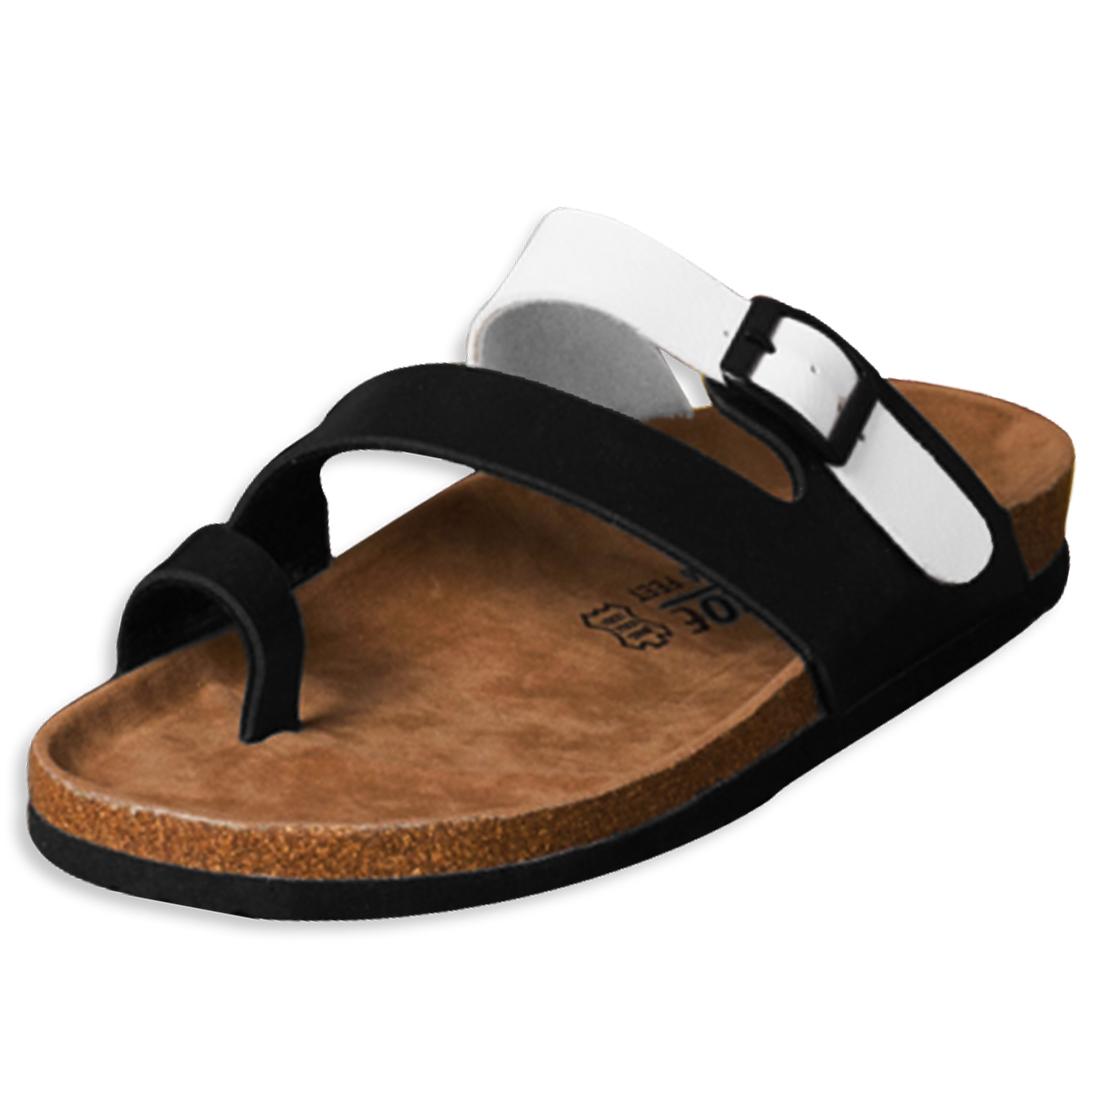 Black White Toe-ring Buckled Sandals for Women & Men US 9